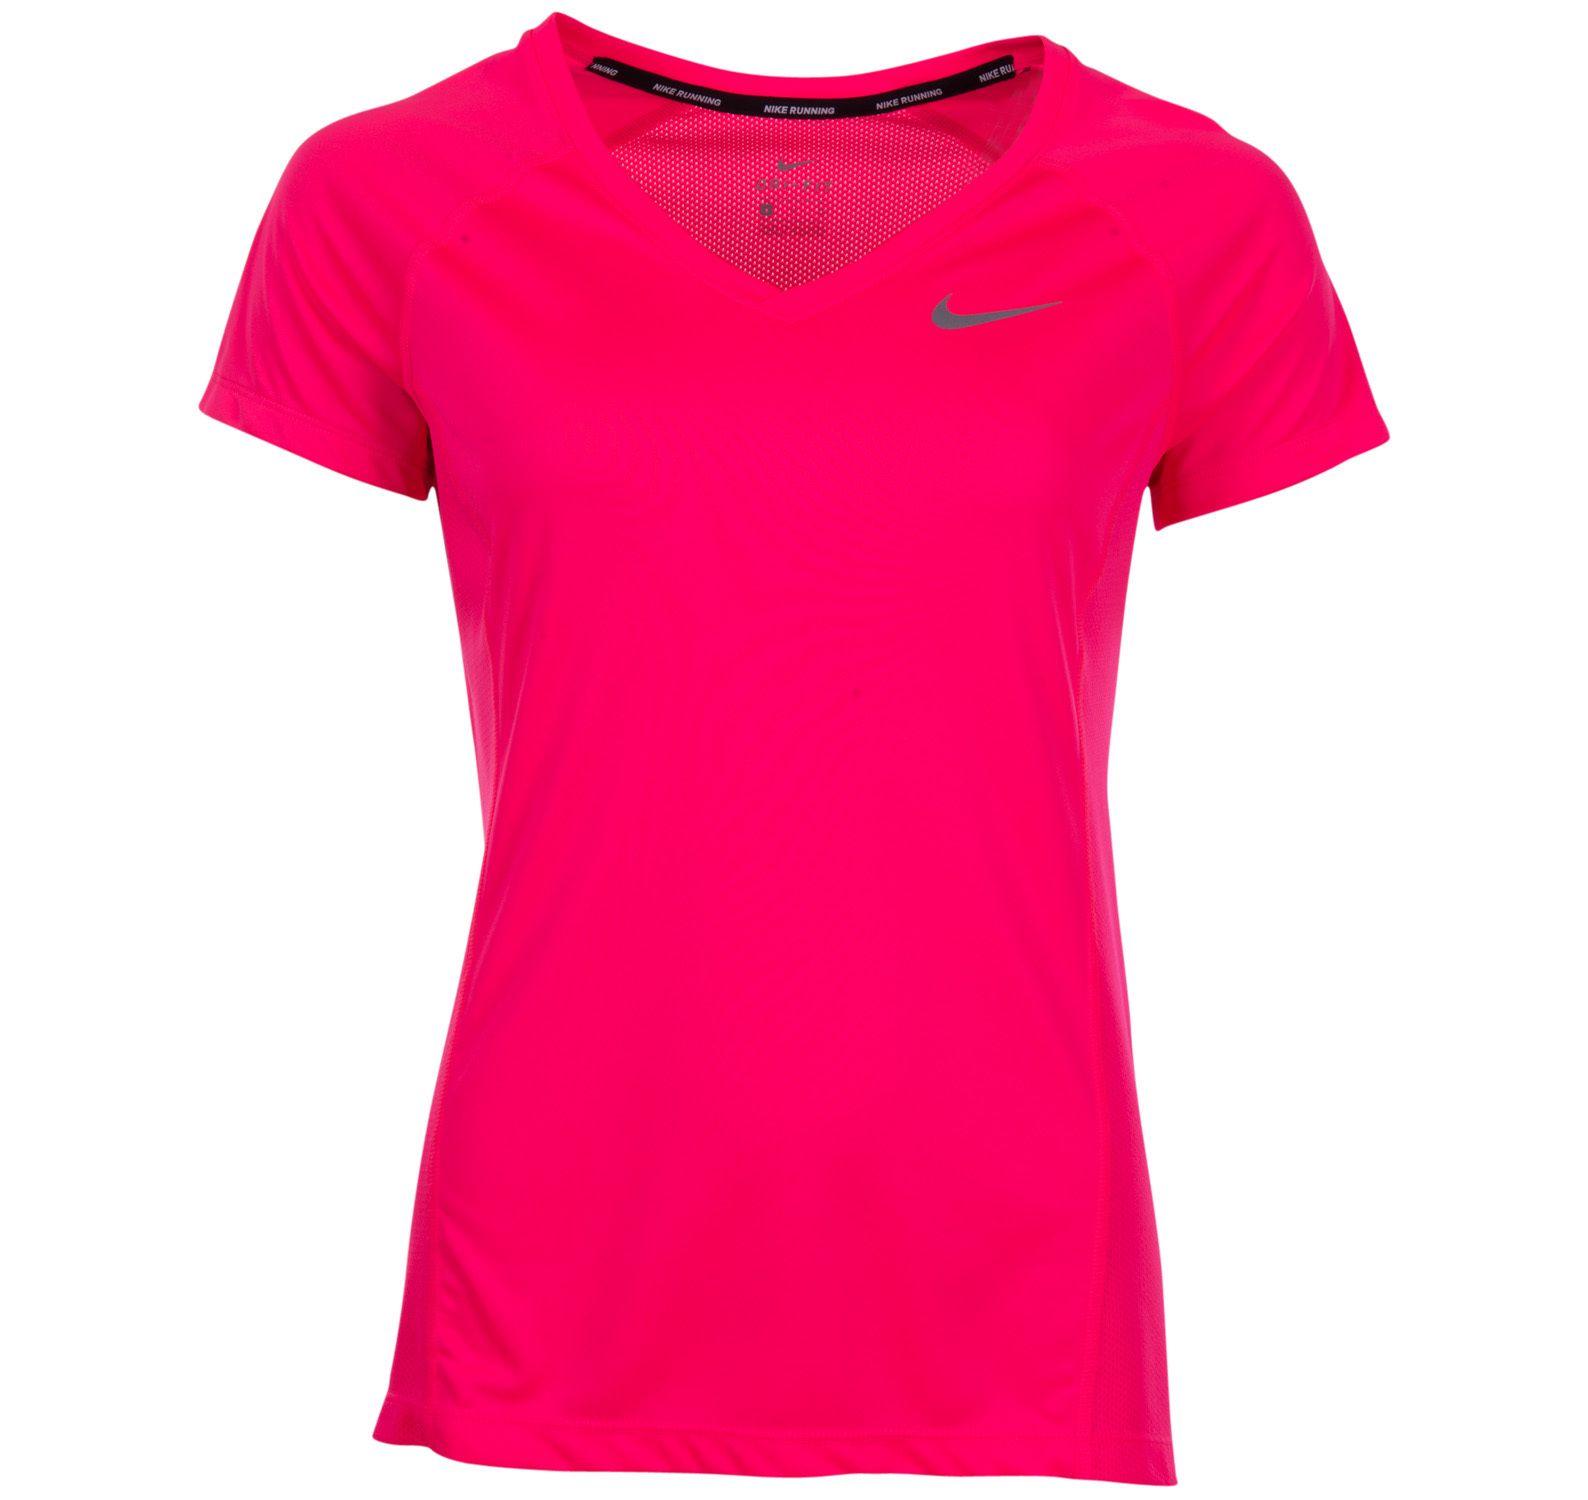 W Nk Dry Miler Top V-Neck, Racer Pink/Racer Pink, Xl,  T-Shirts